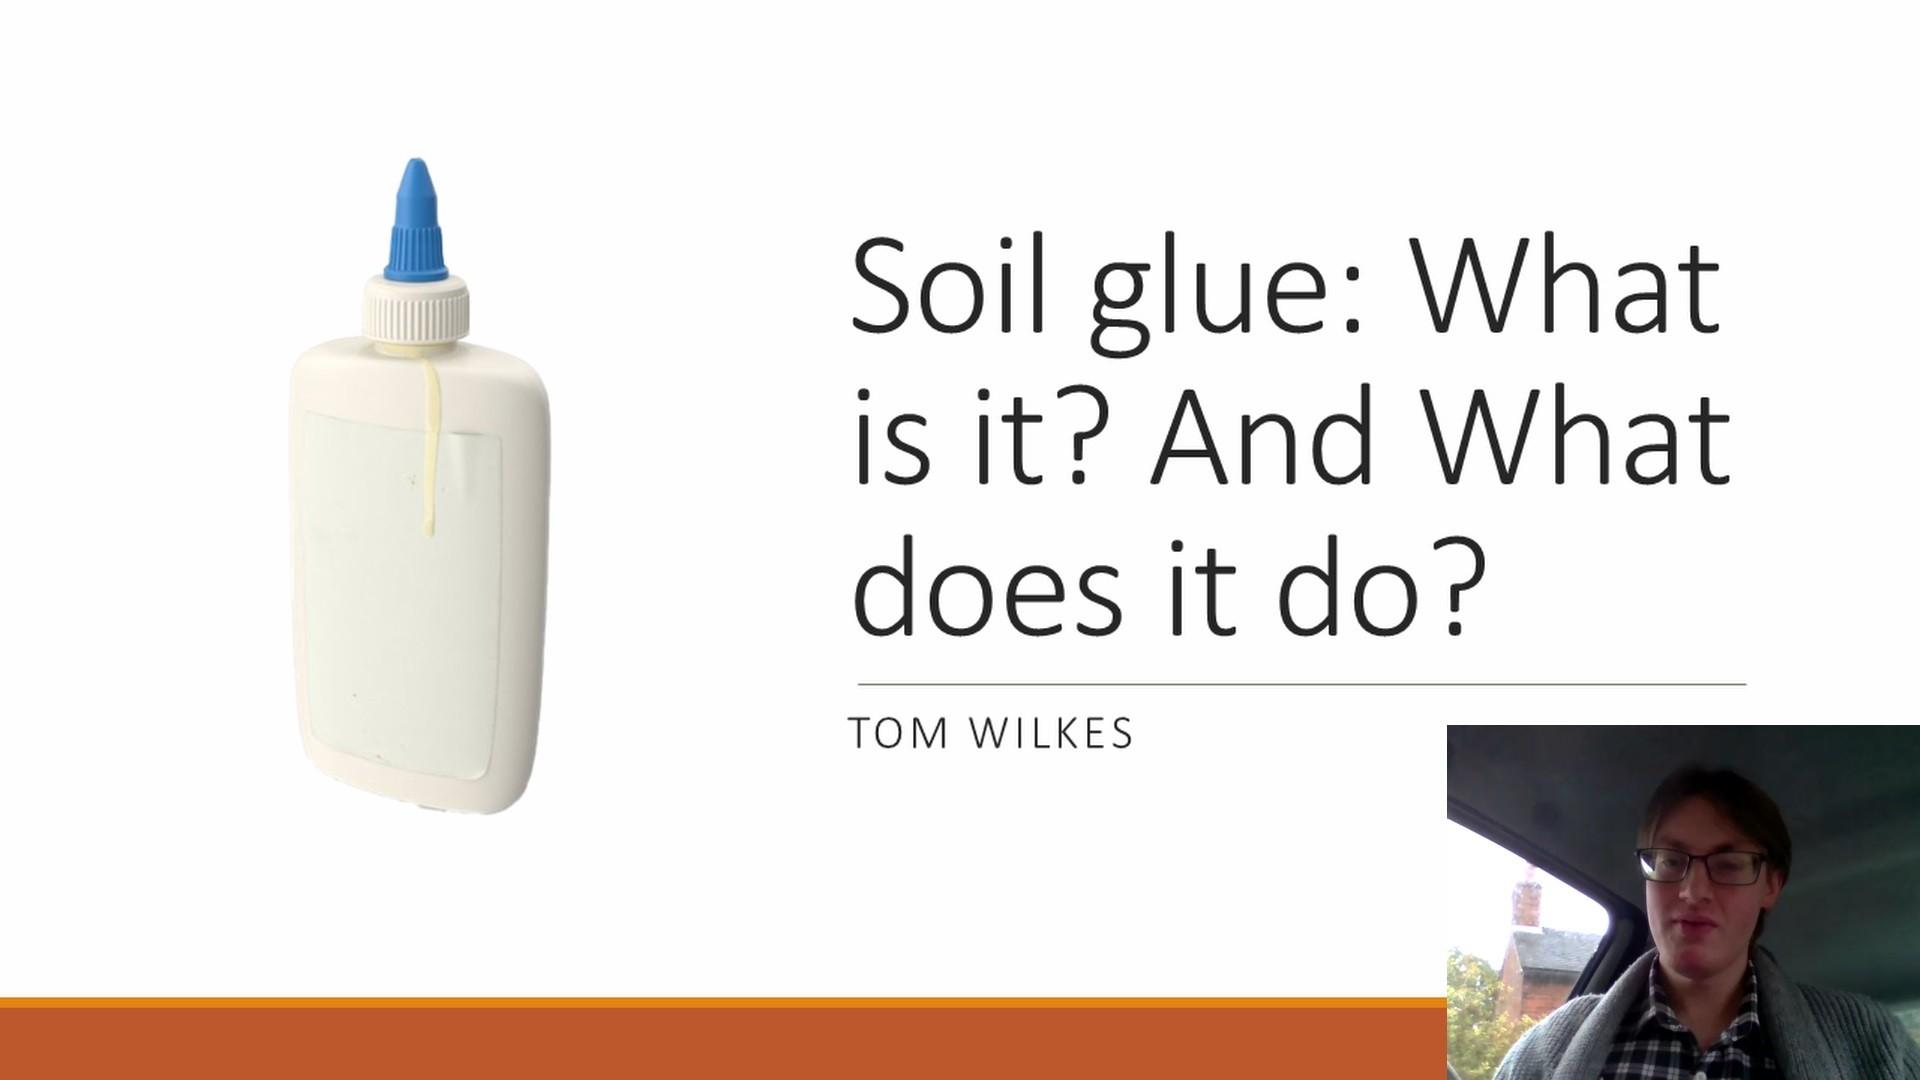 Tom Wilkes